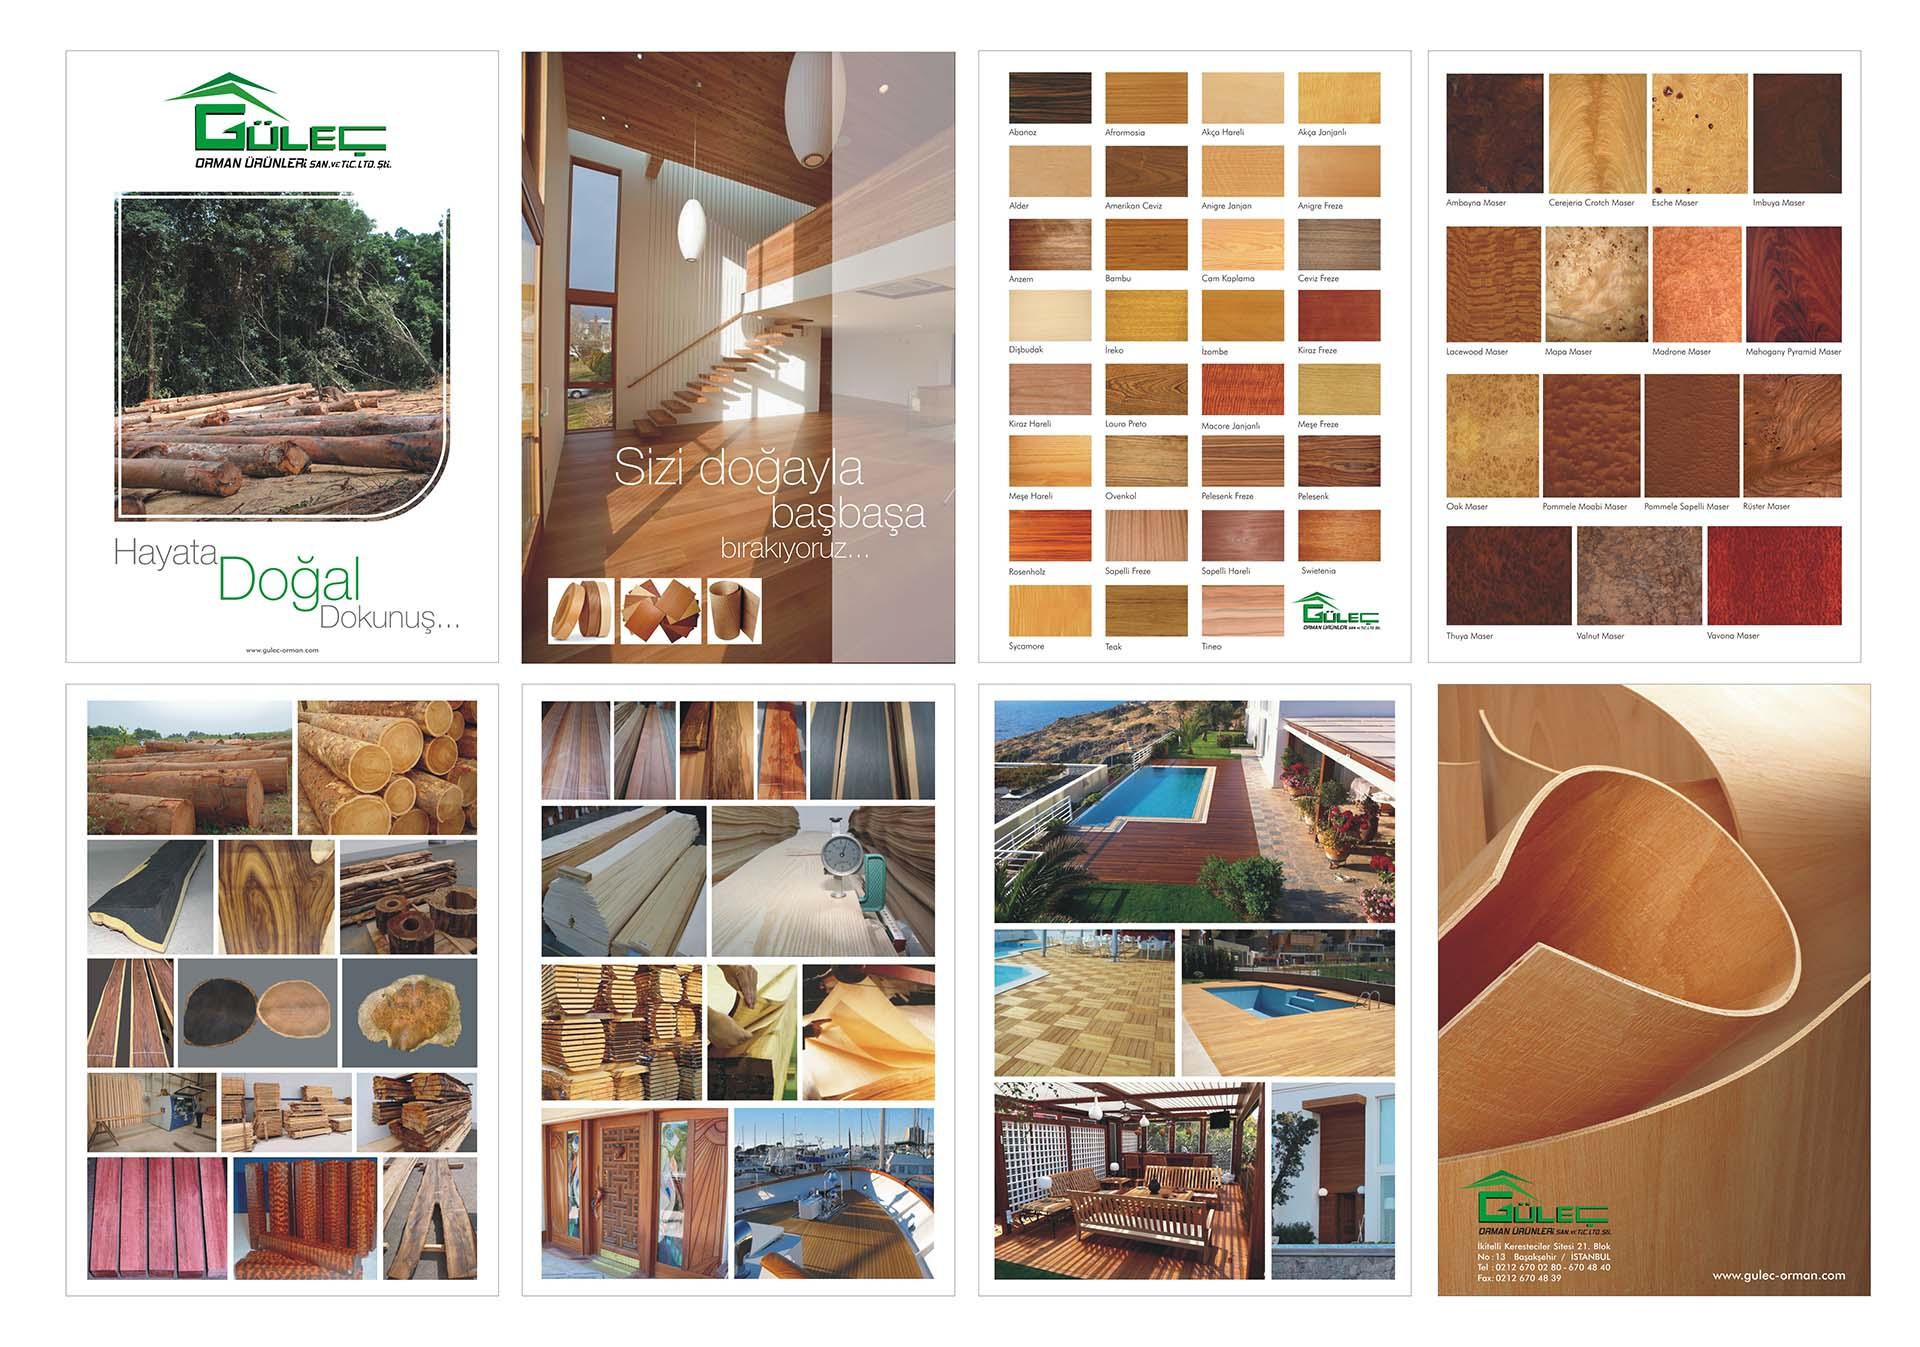 Güleç Orman Ürünleri | Orman Ürünleri | Teak | Ahşap Parke | Kaplama | Kereste | Ahşap Kaplama | Teak Ağacı | Parke | Abanoz | Meşe | Ağacı | Deck | Ağaç